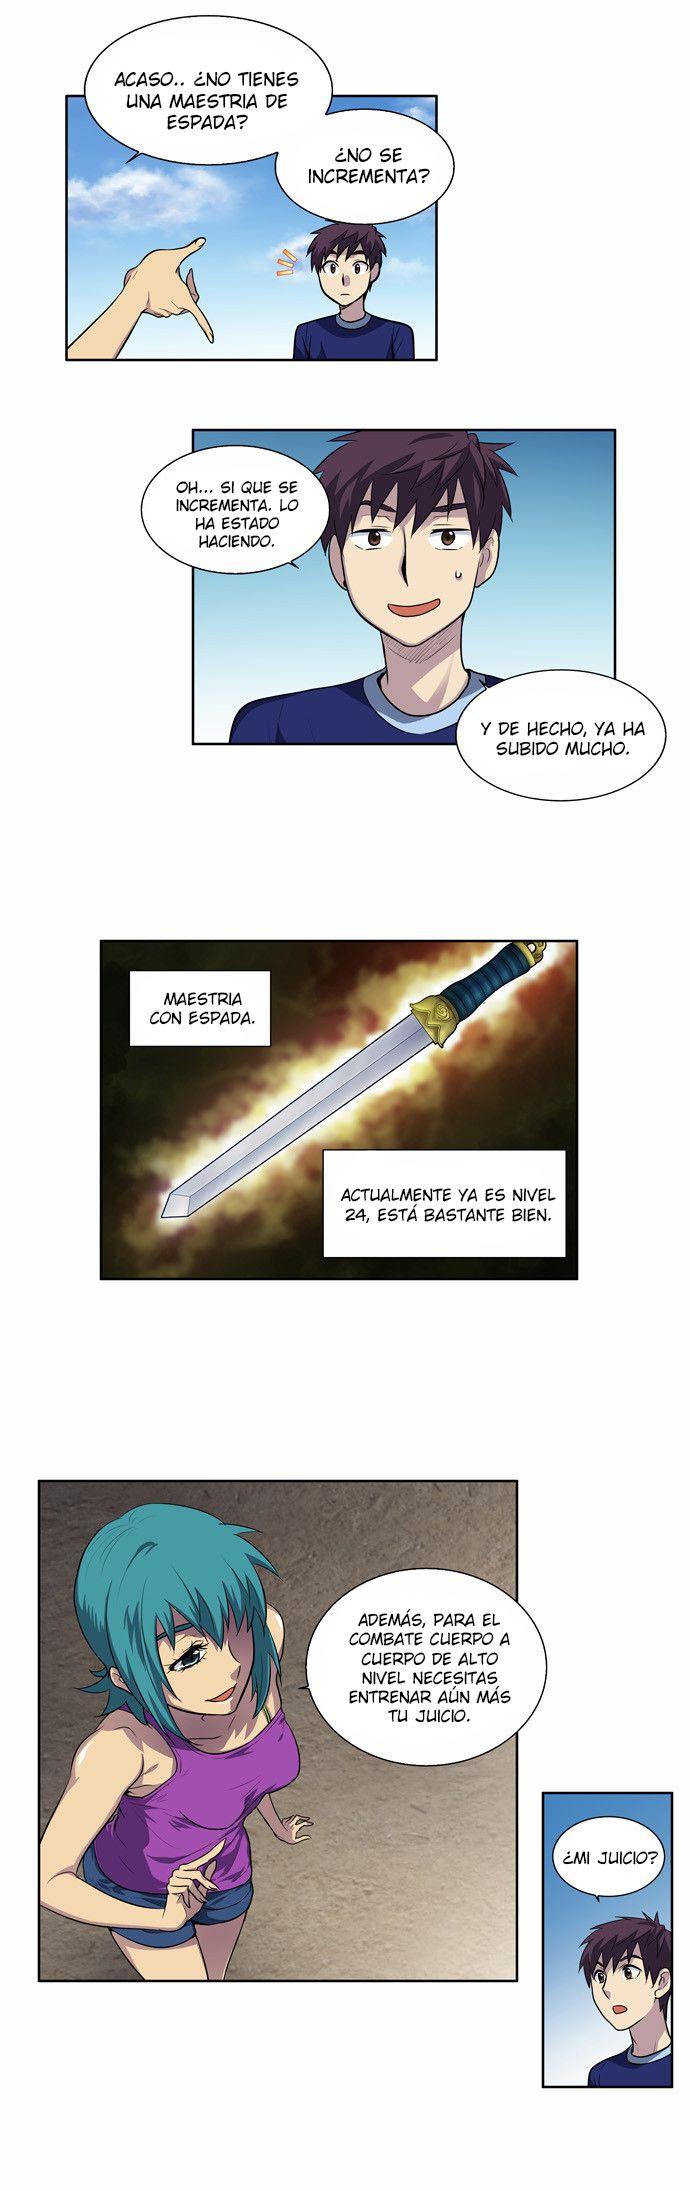 https://c5.ninemanga.com/es_manga/61/1725/464211/aaa3a39ecb096daff4d431a2e7abaff7.jpg Page 8